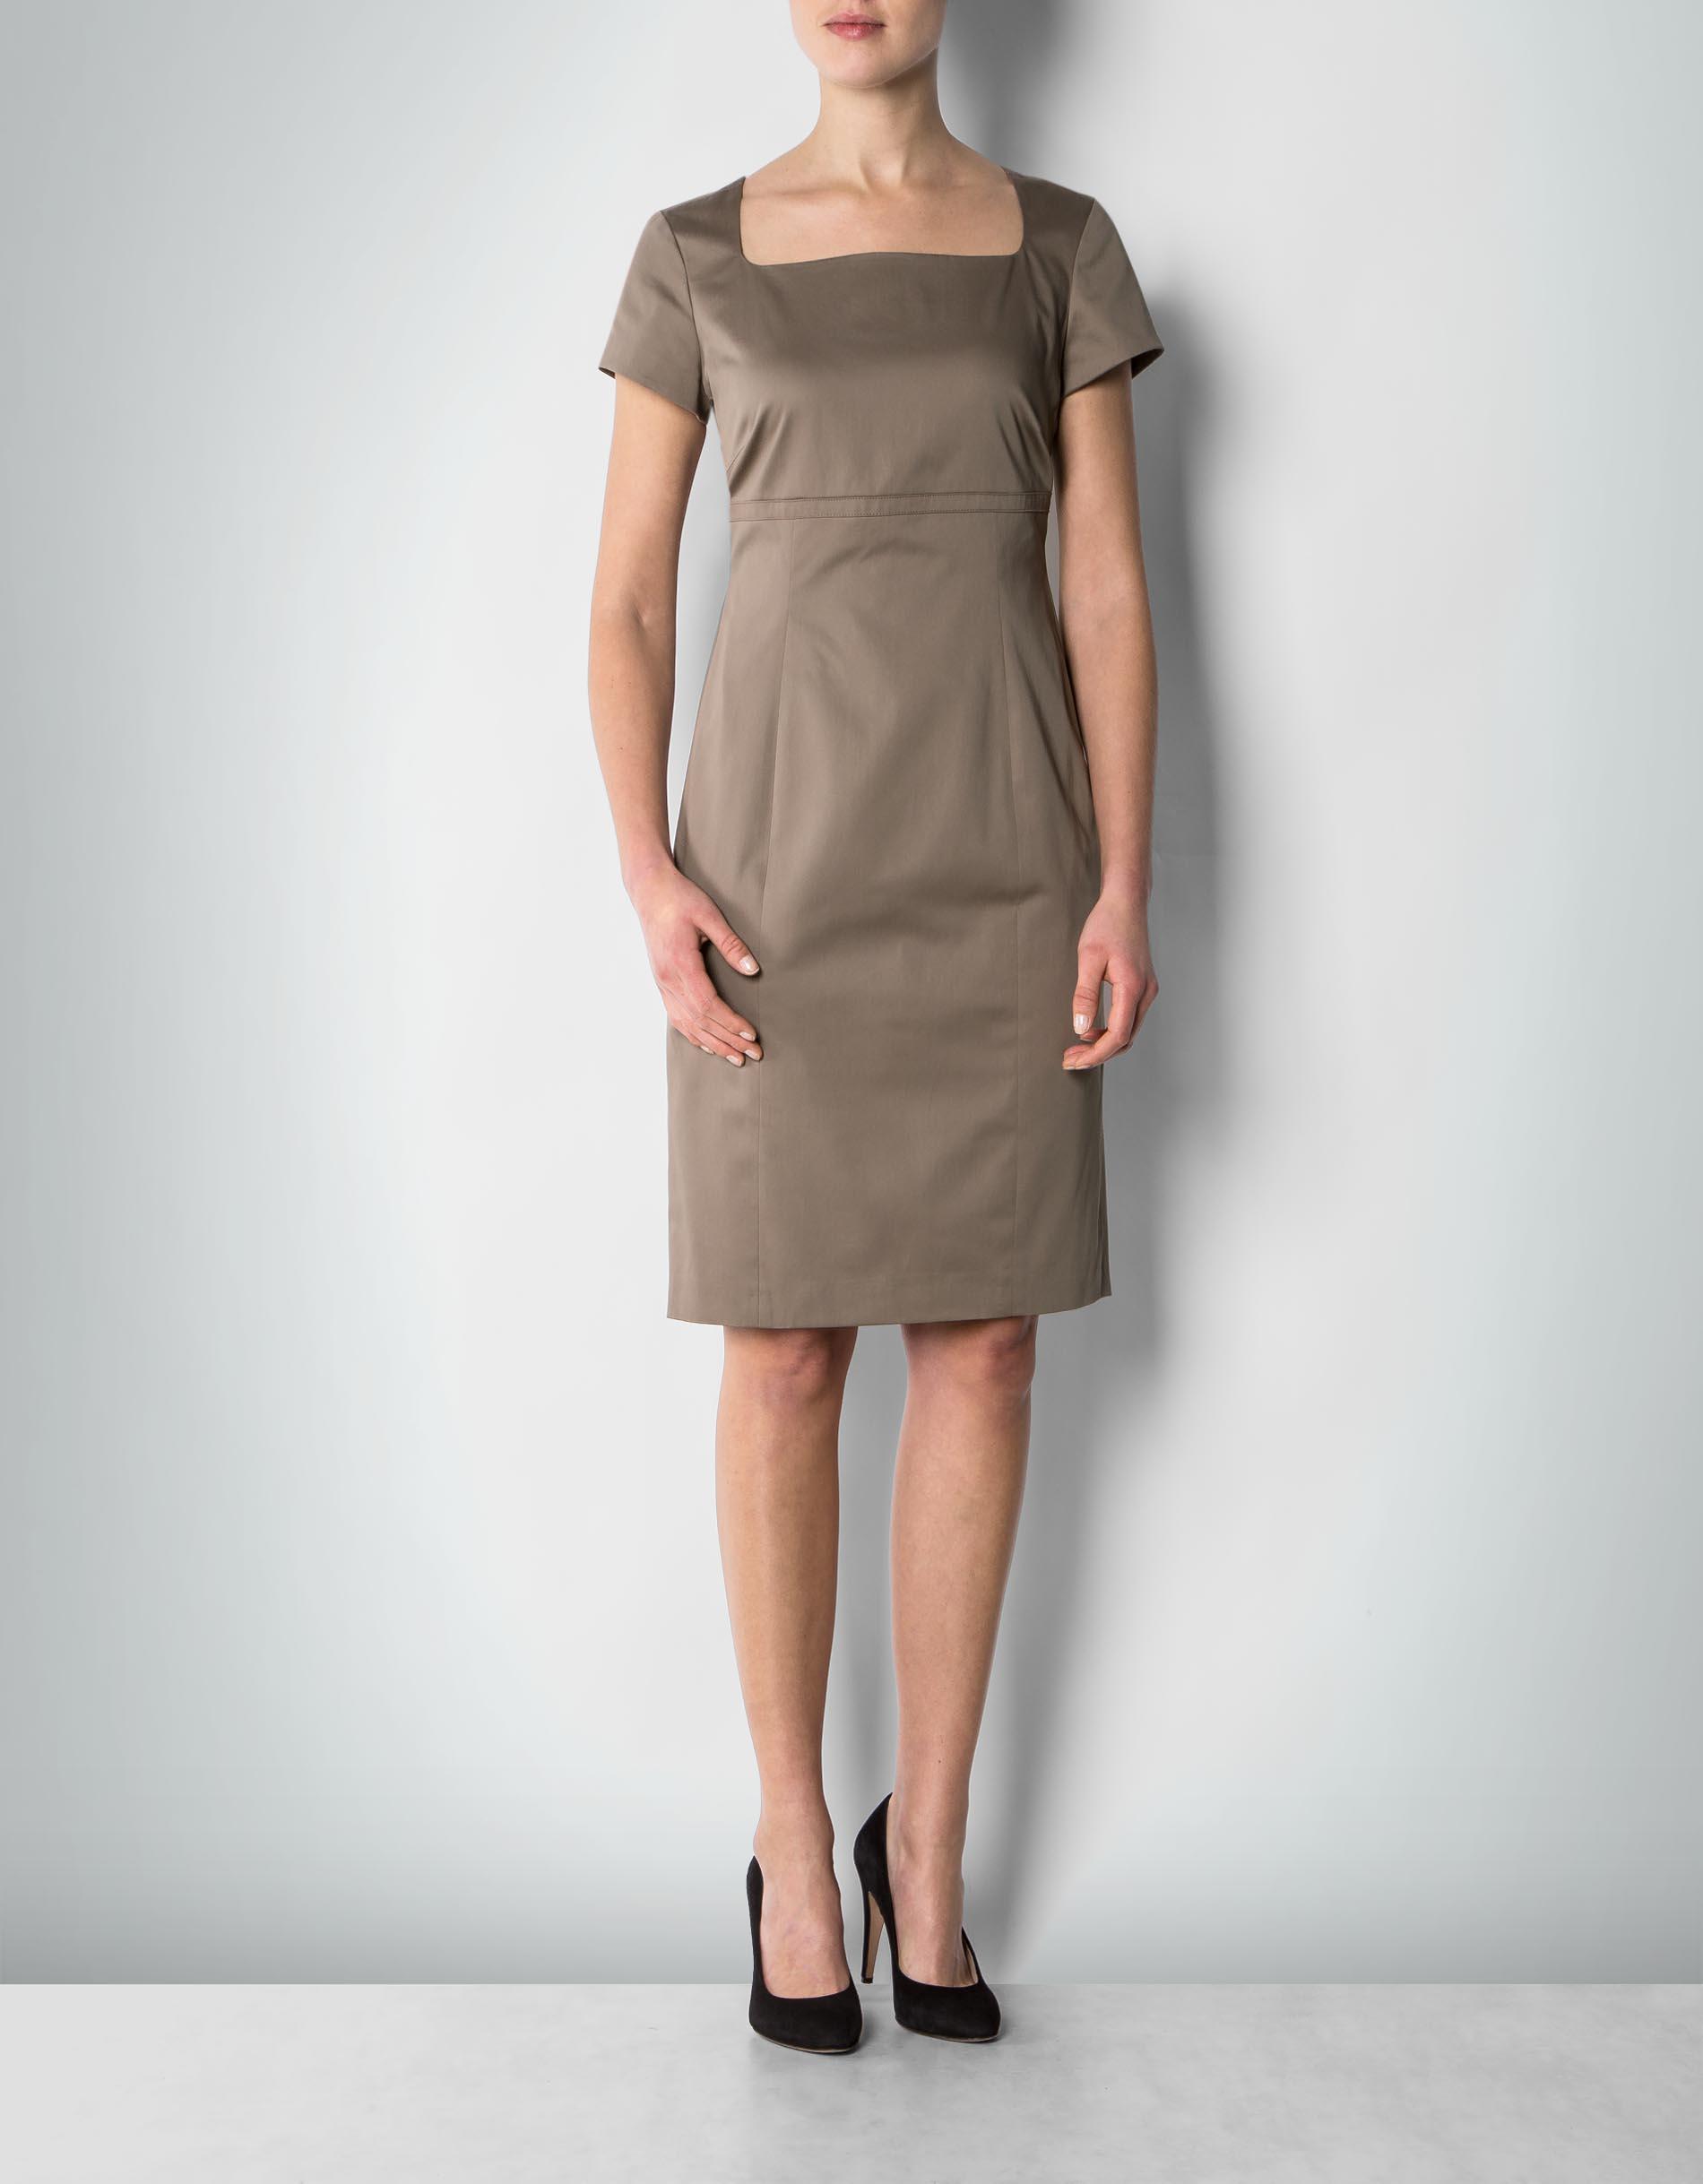 daniel hechter damen kleid khaki etui im femininen stil. Black Bedroom Furniture Sets. Home Design Ideas